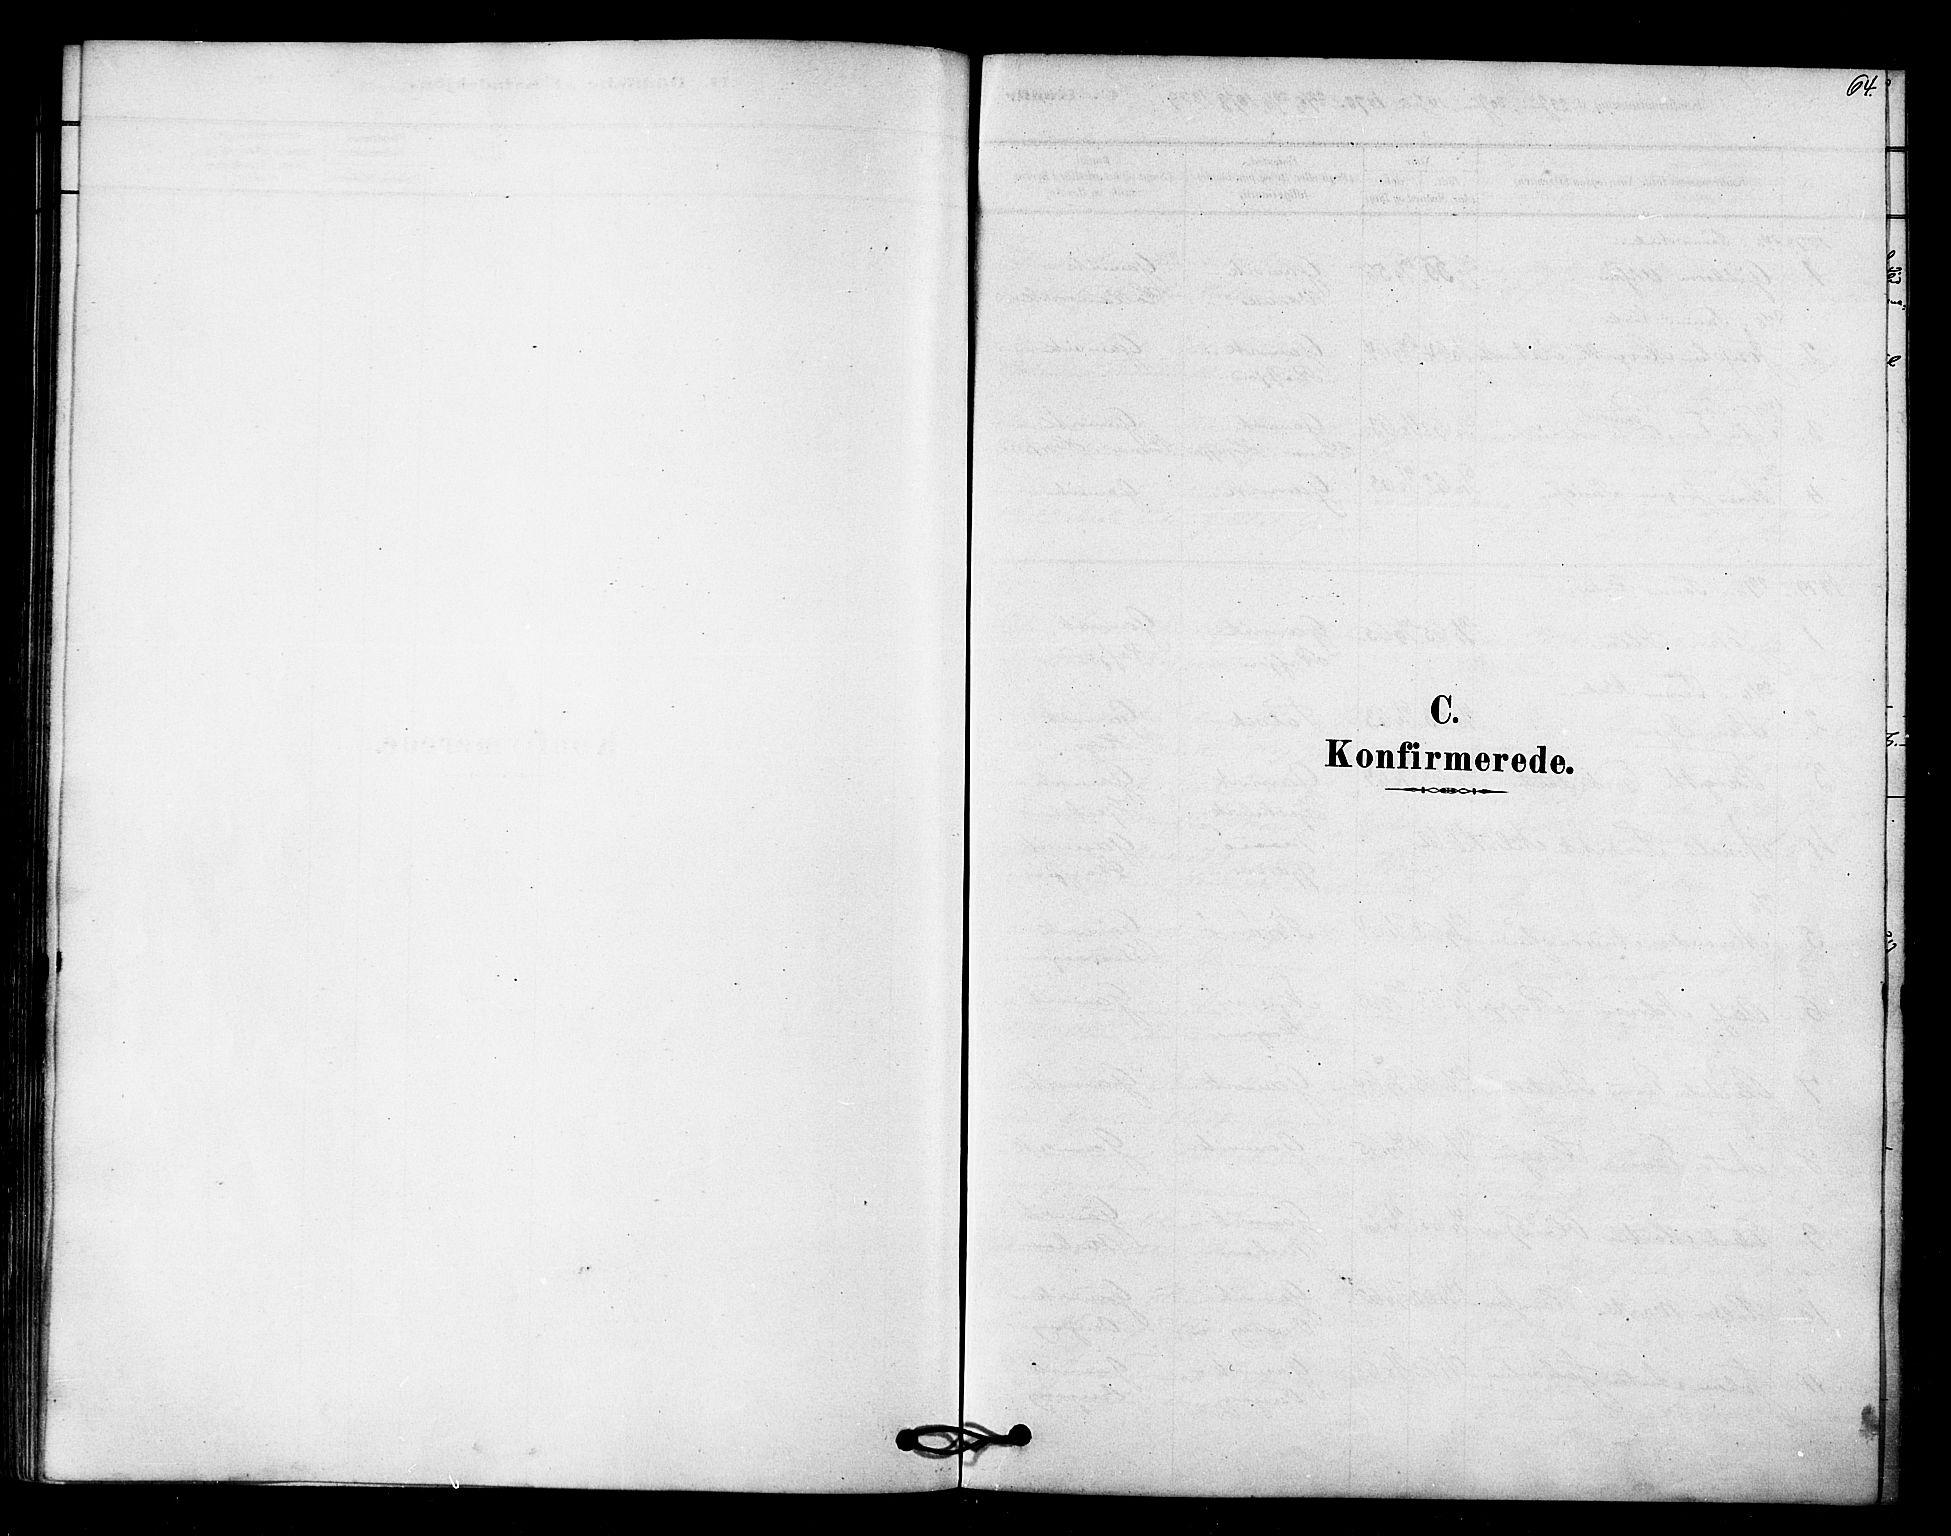 SATØ, Tana sokneprestkontor, H/Ha/L0003kirke: Ministerialbok nr. 3, 1878-1892, s. 64